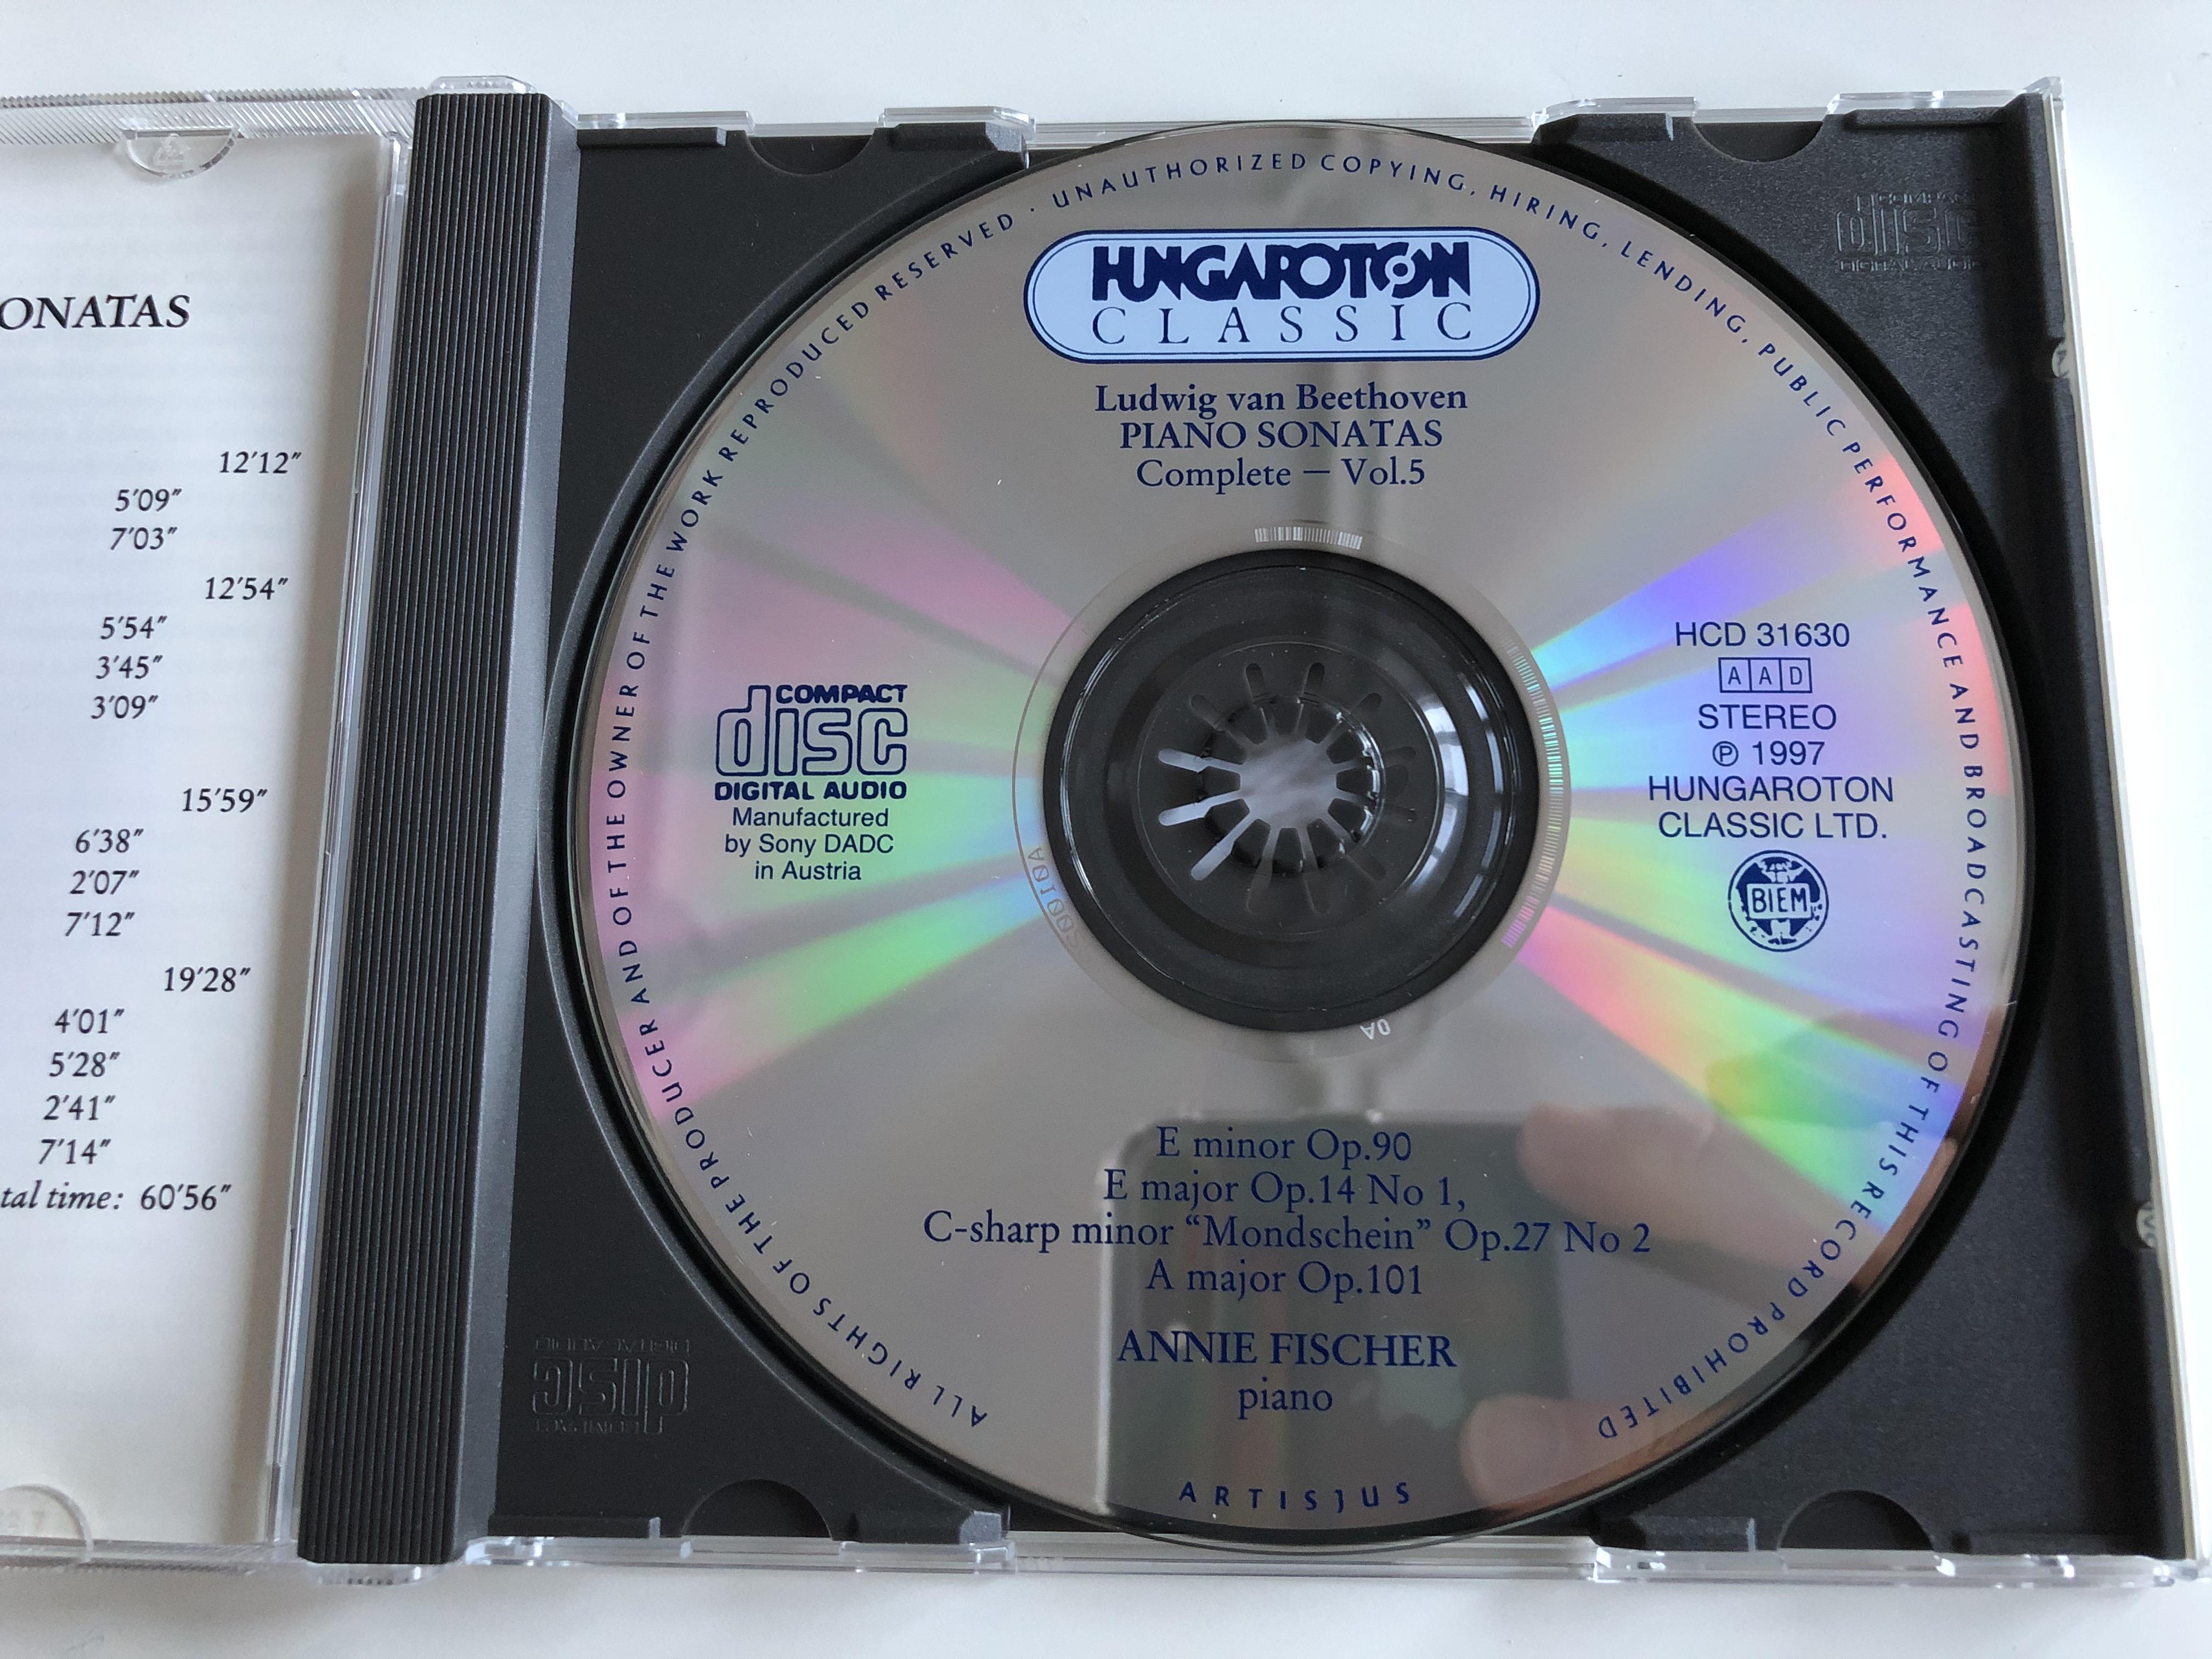 annie-fischer-ludwig-van-beethoven-piano-sonatas-complete-vol.-5-e-minor-op.-90-e-major-op.-141-c-sharp-minor-op.-272-mondschein-a-major-op.101-hungaroton-classic-audio-cd-1997-stereo-9-.jpg